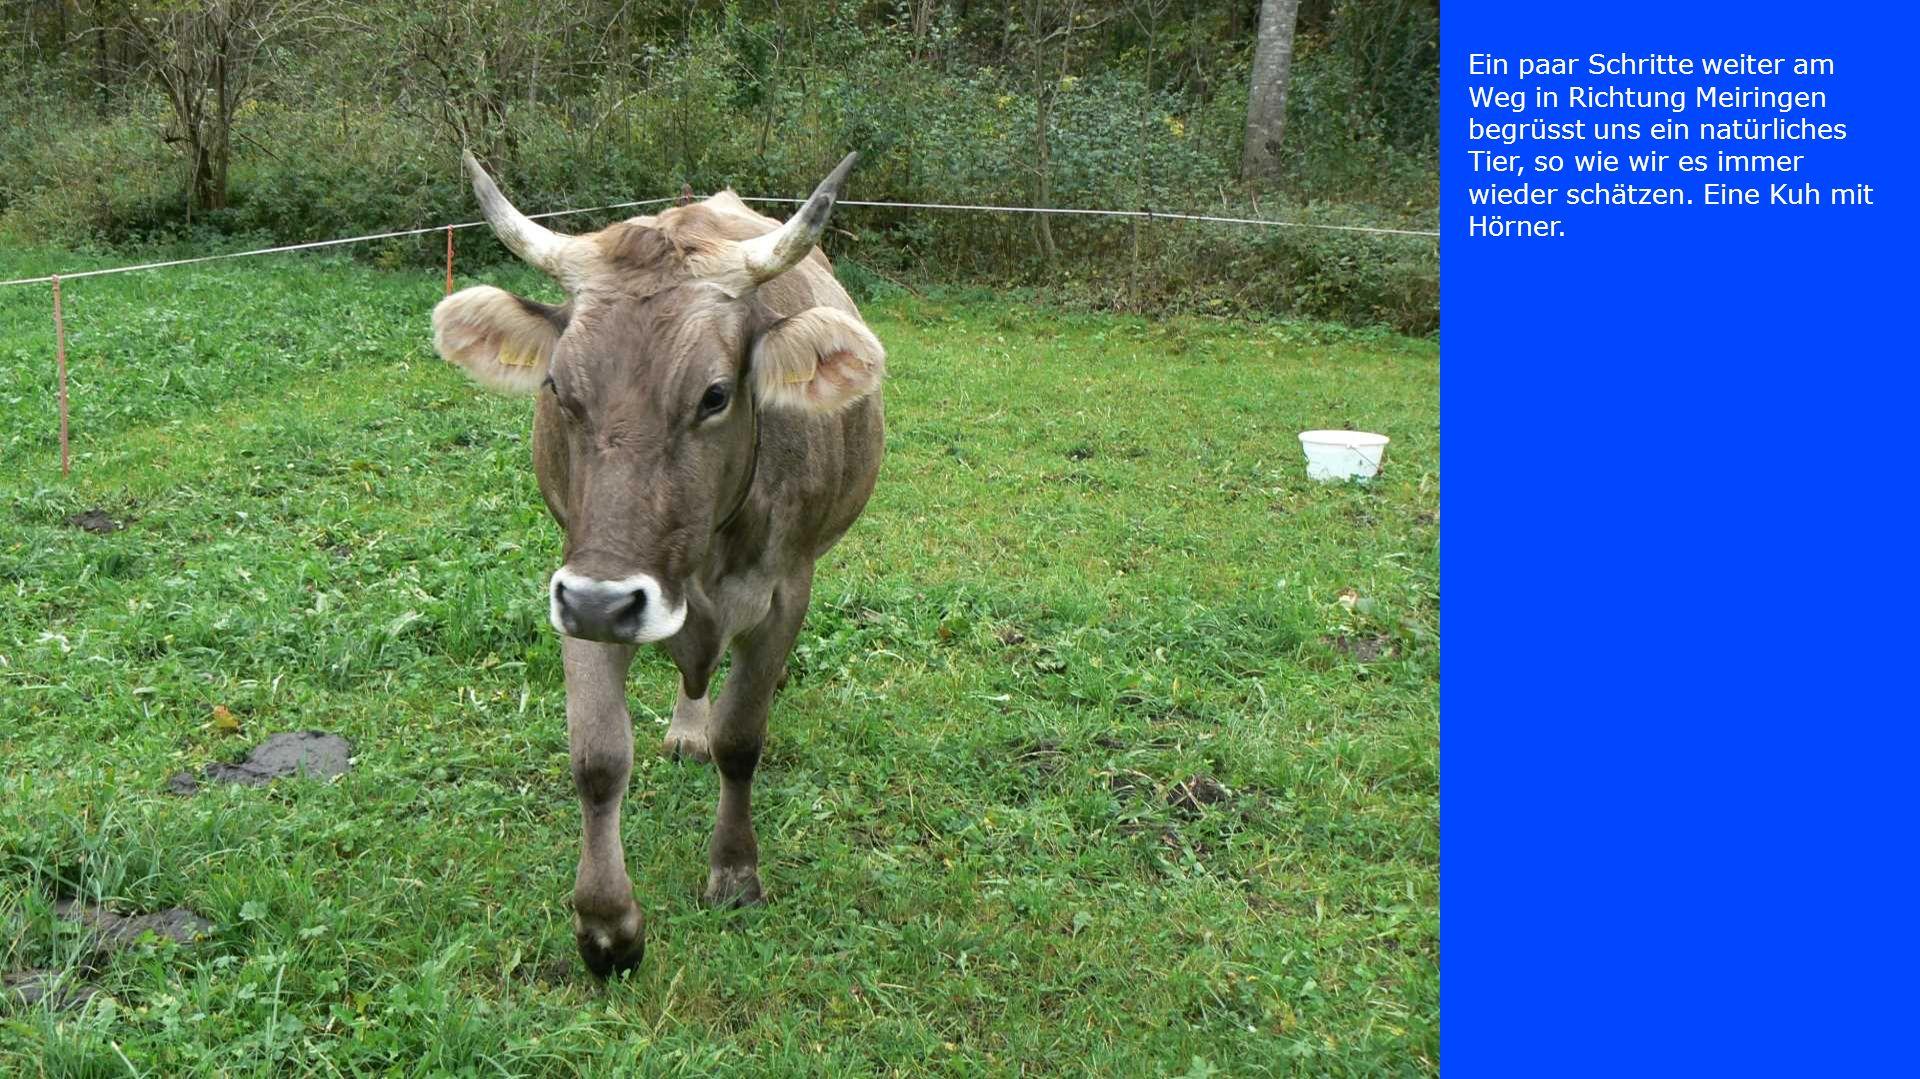 Ein paar Schritte weiter am Weg in Richtung Meiringen begrüsst uns ein natürliches Tier, so wie wir es immer wieder schätzen. Eine Kuh mit Hörner.